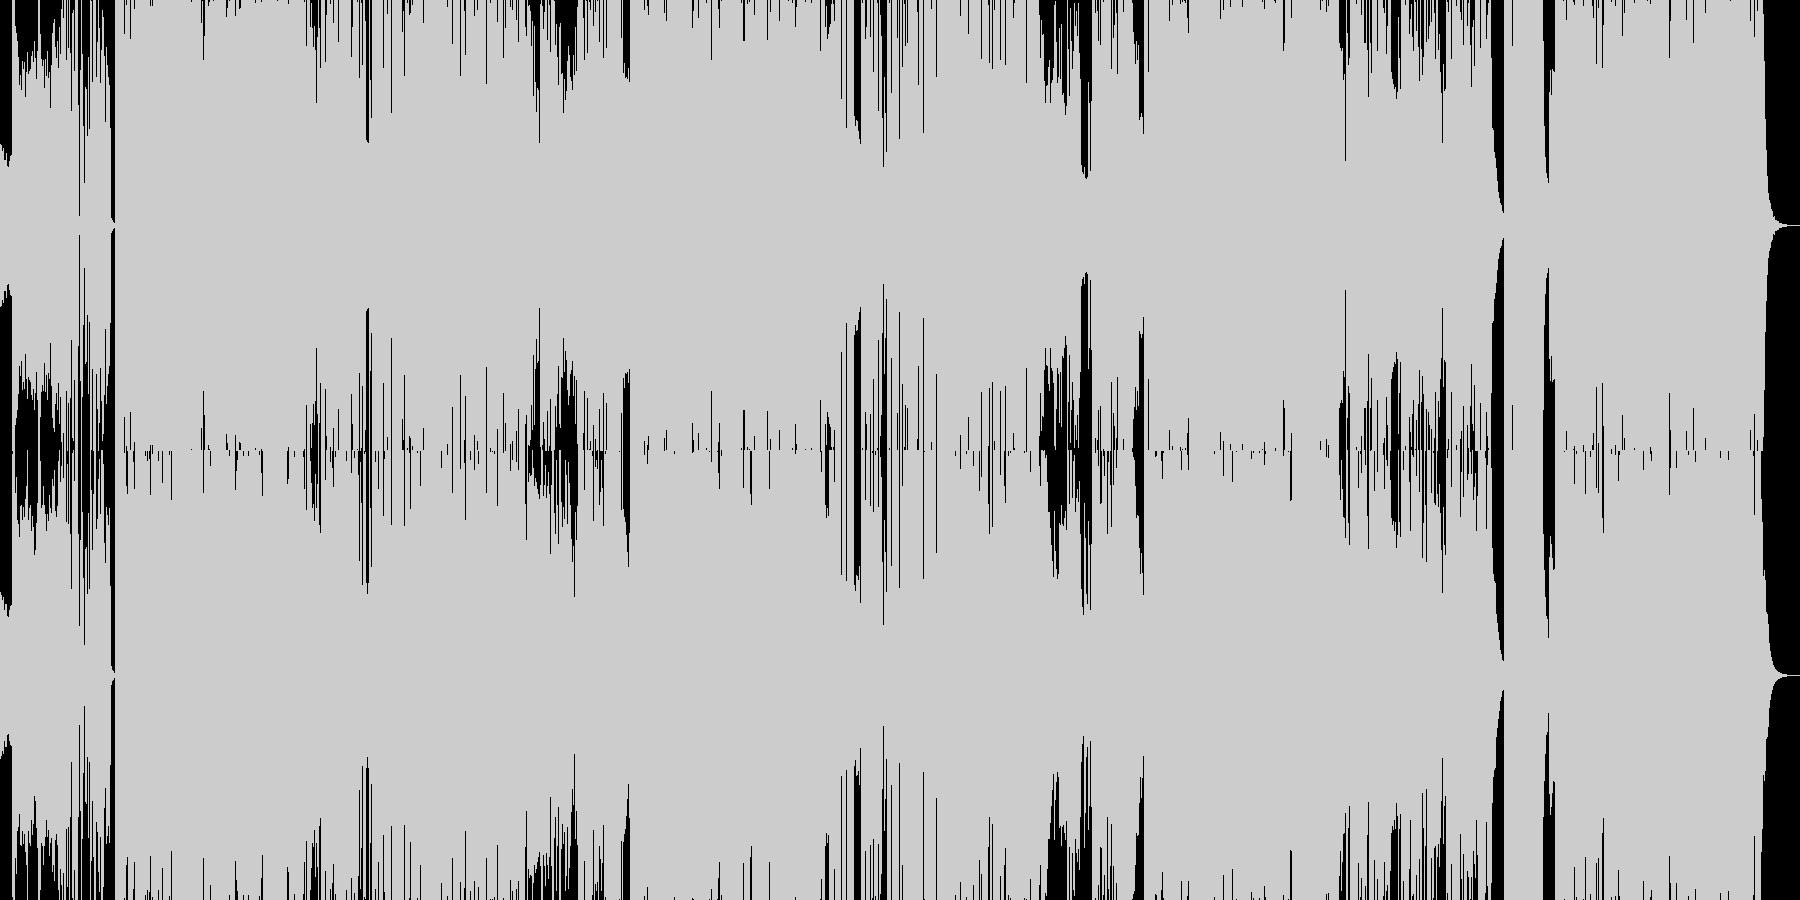 リズミカルでエレクトロなEDMダンス曲の未再生の波形